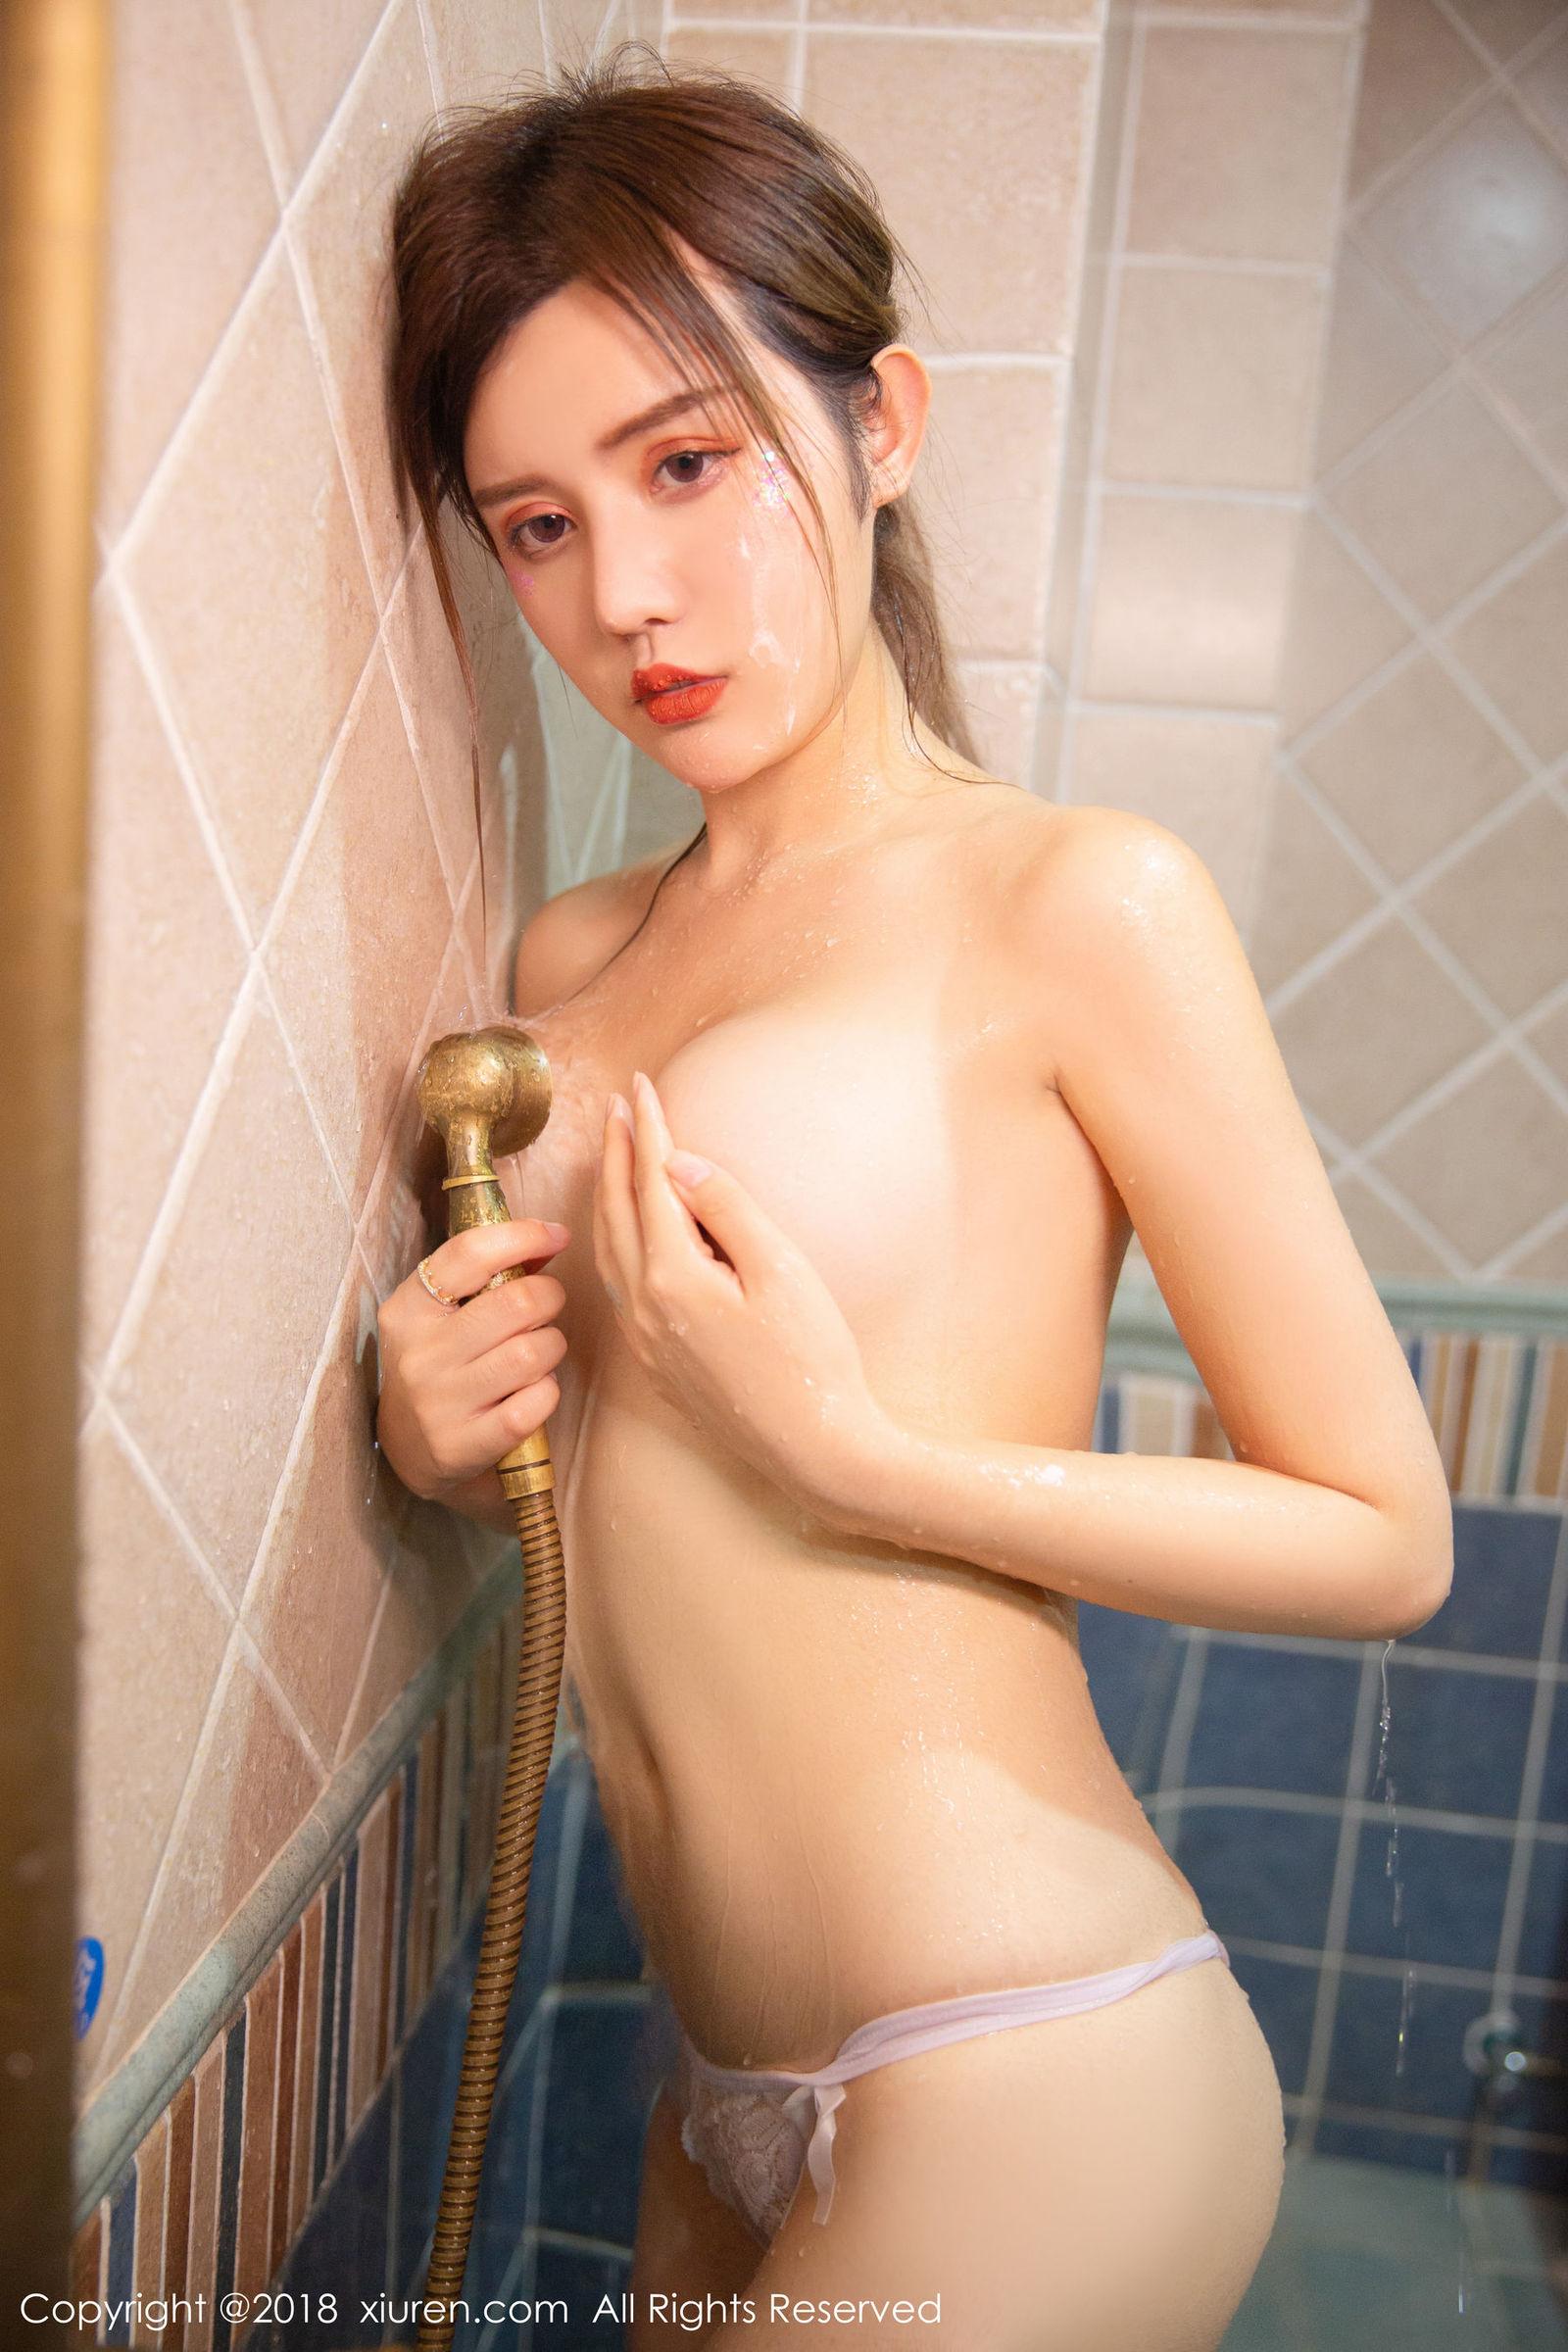 女神@Cris_卓娅祺浴室私房魅惑写真